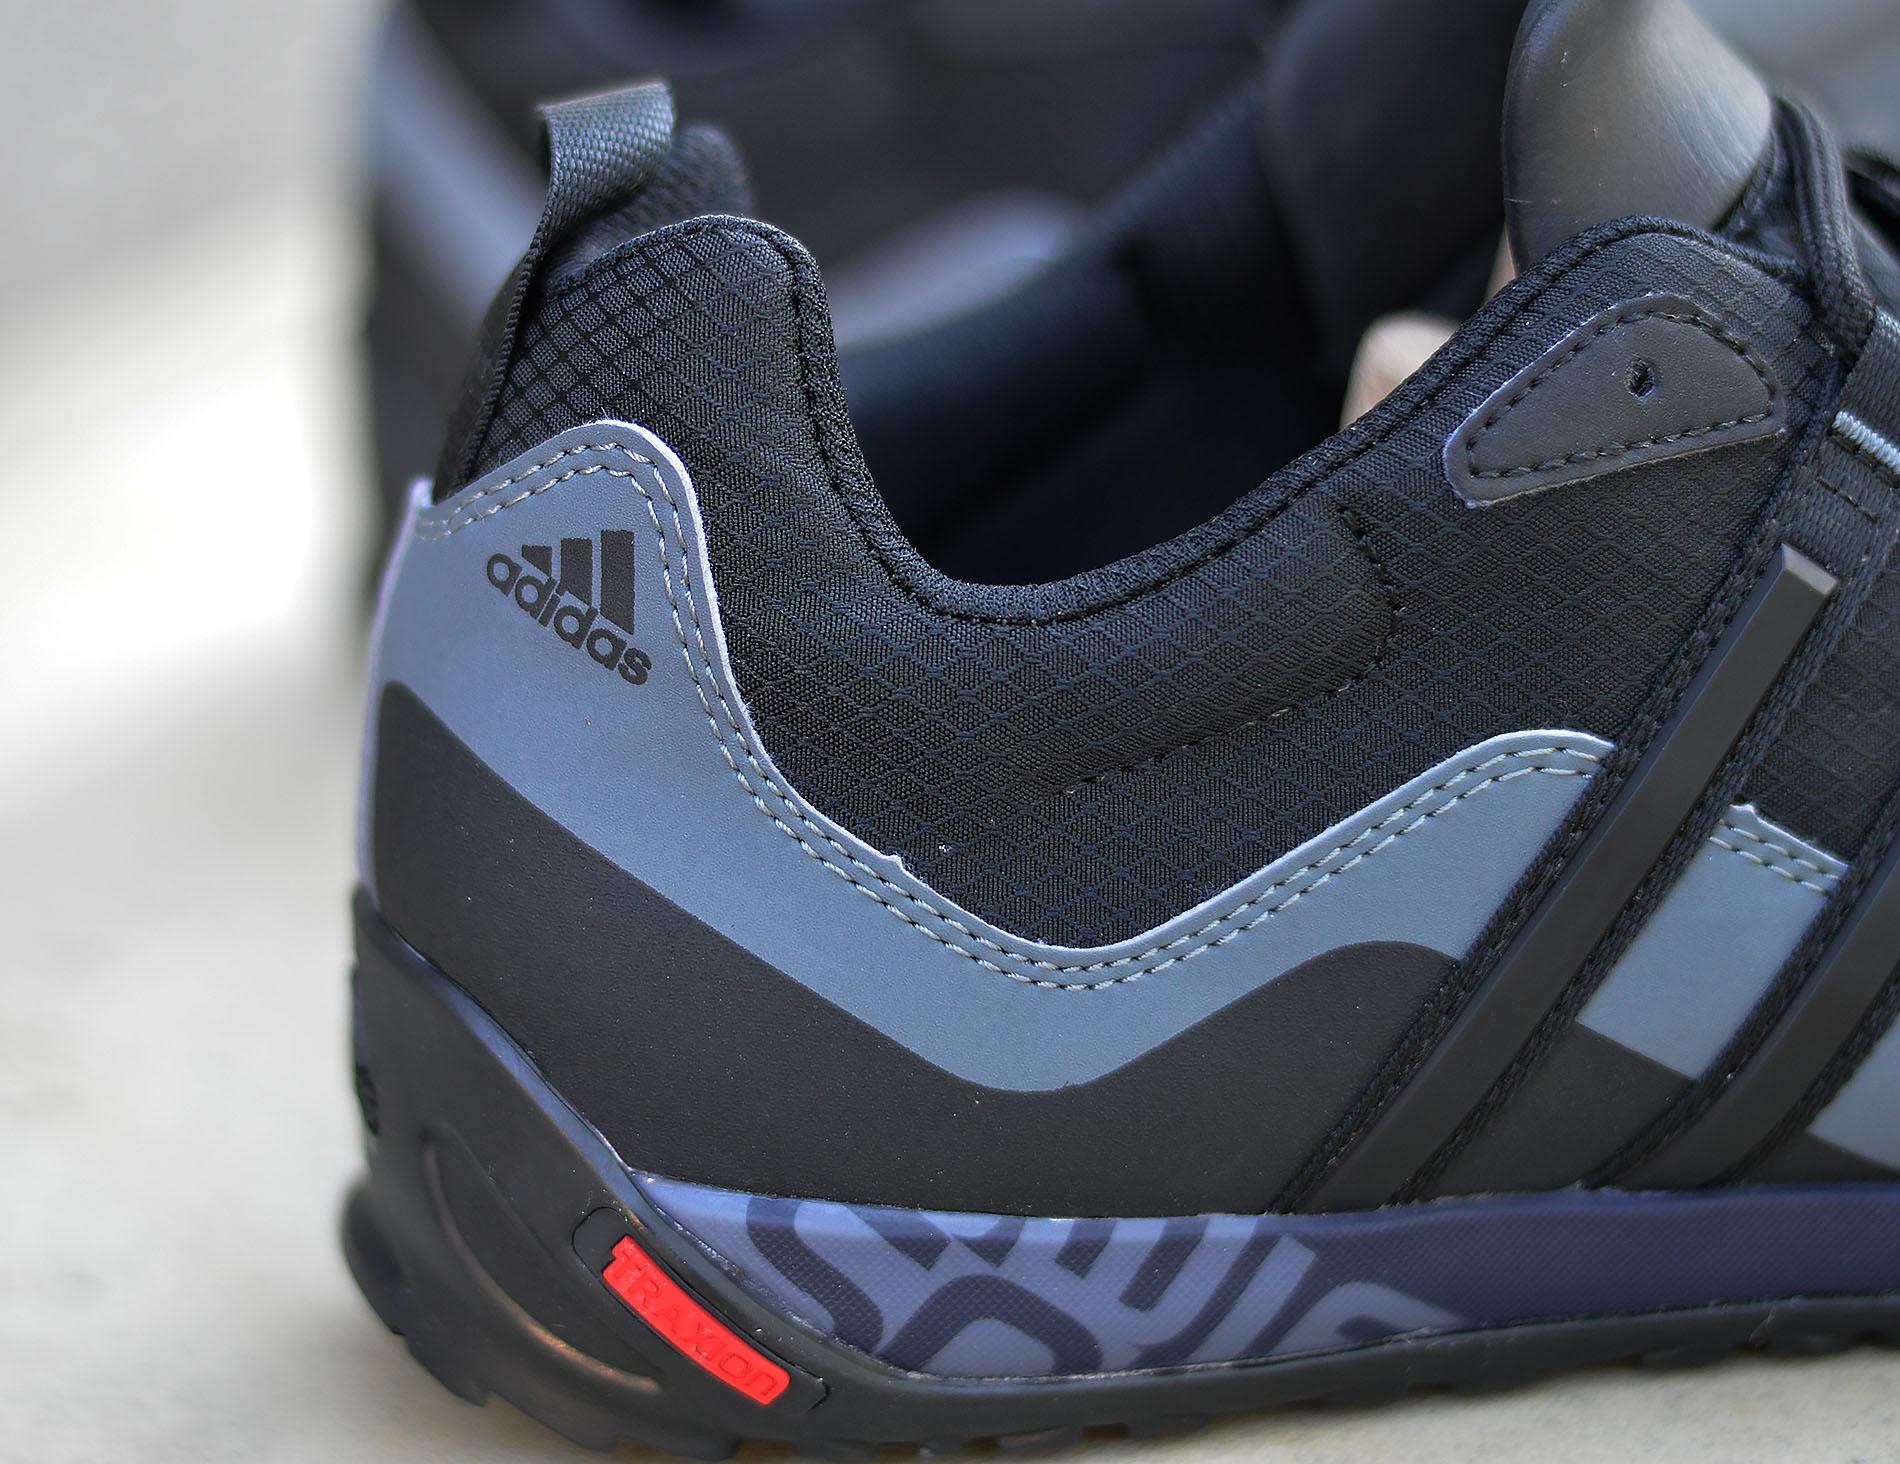 Details about Adidas Terrex Swift Solo d67031 Men's TrekkingHiking Shoes show original title